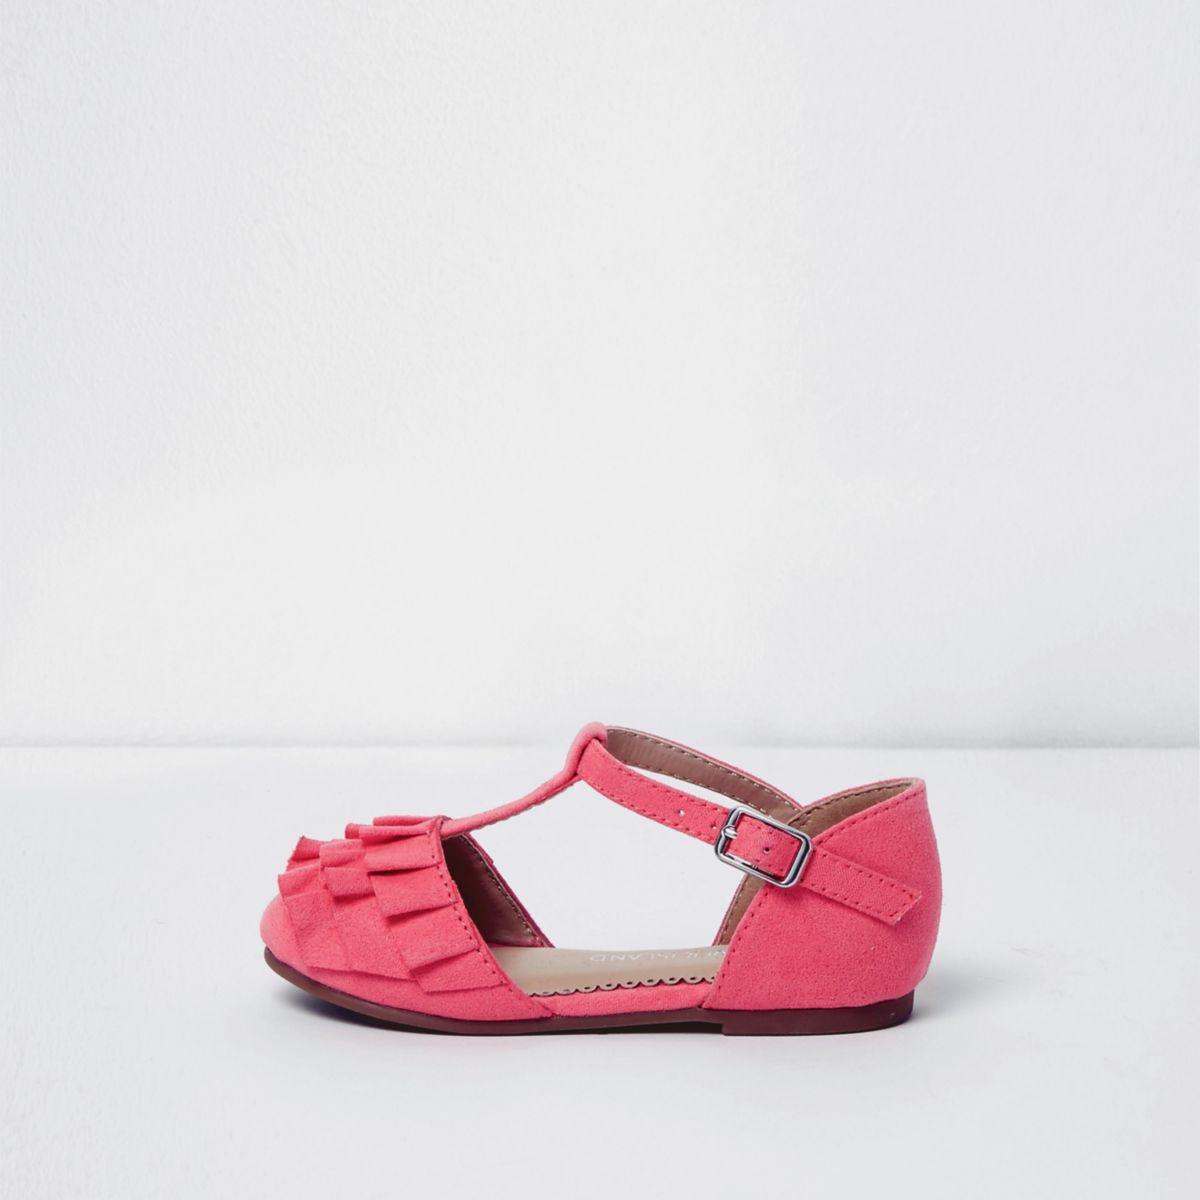 Chaussures rose style salomé à volants mini fille